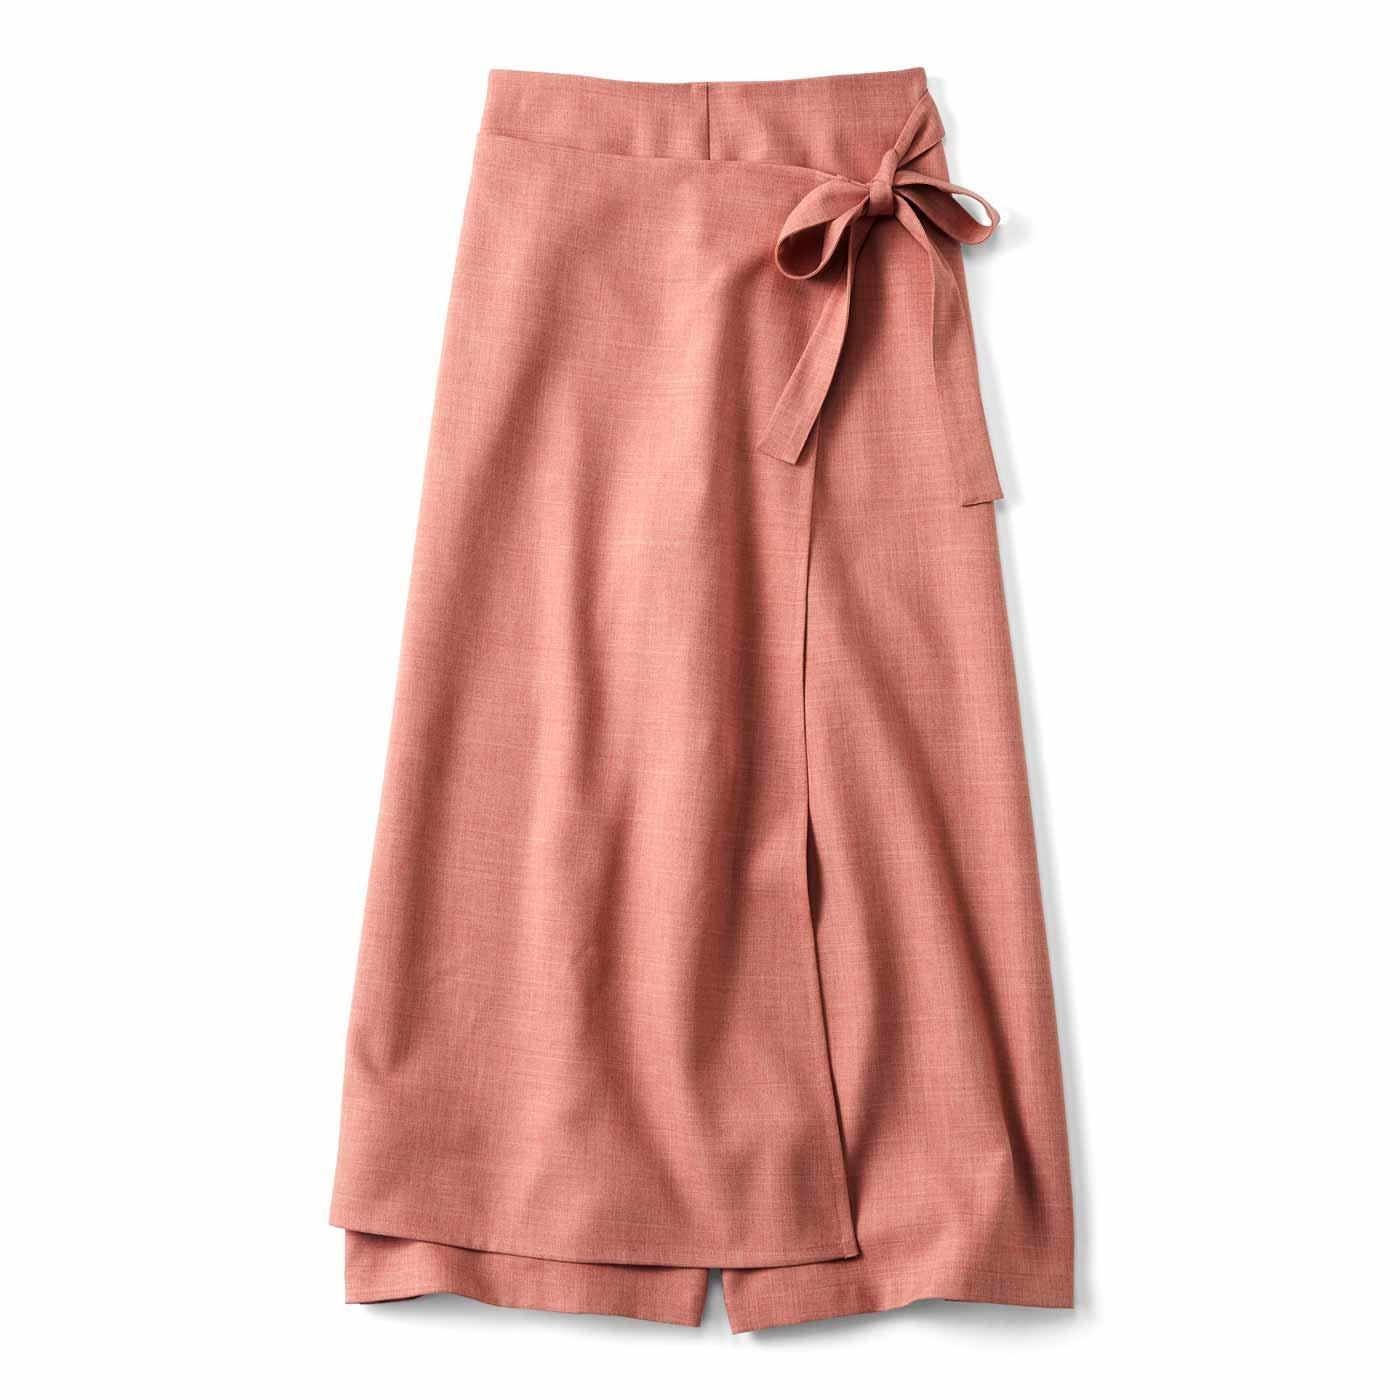 スカート見え ラップパンツ〈フラミンゴ〉